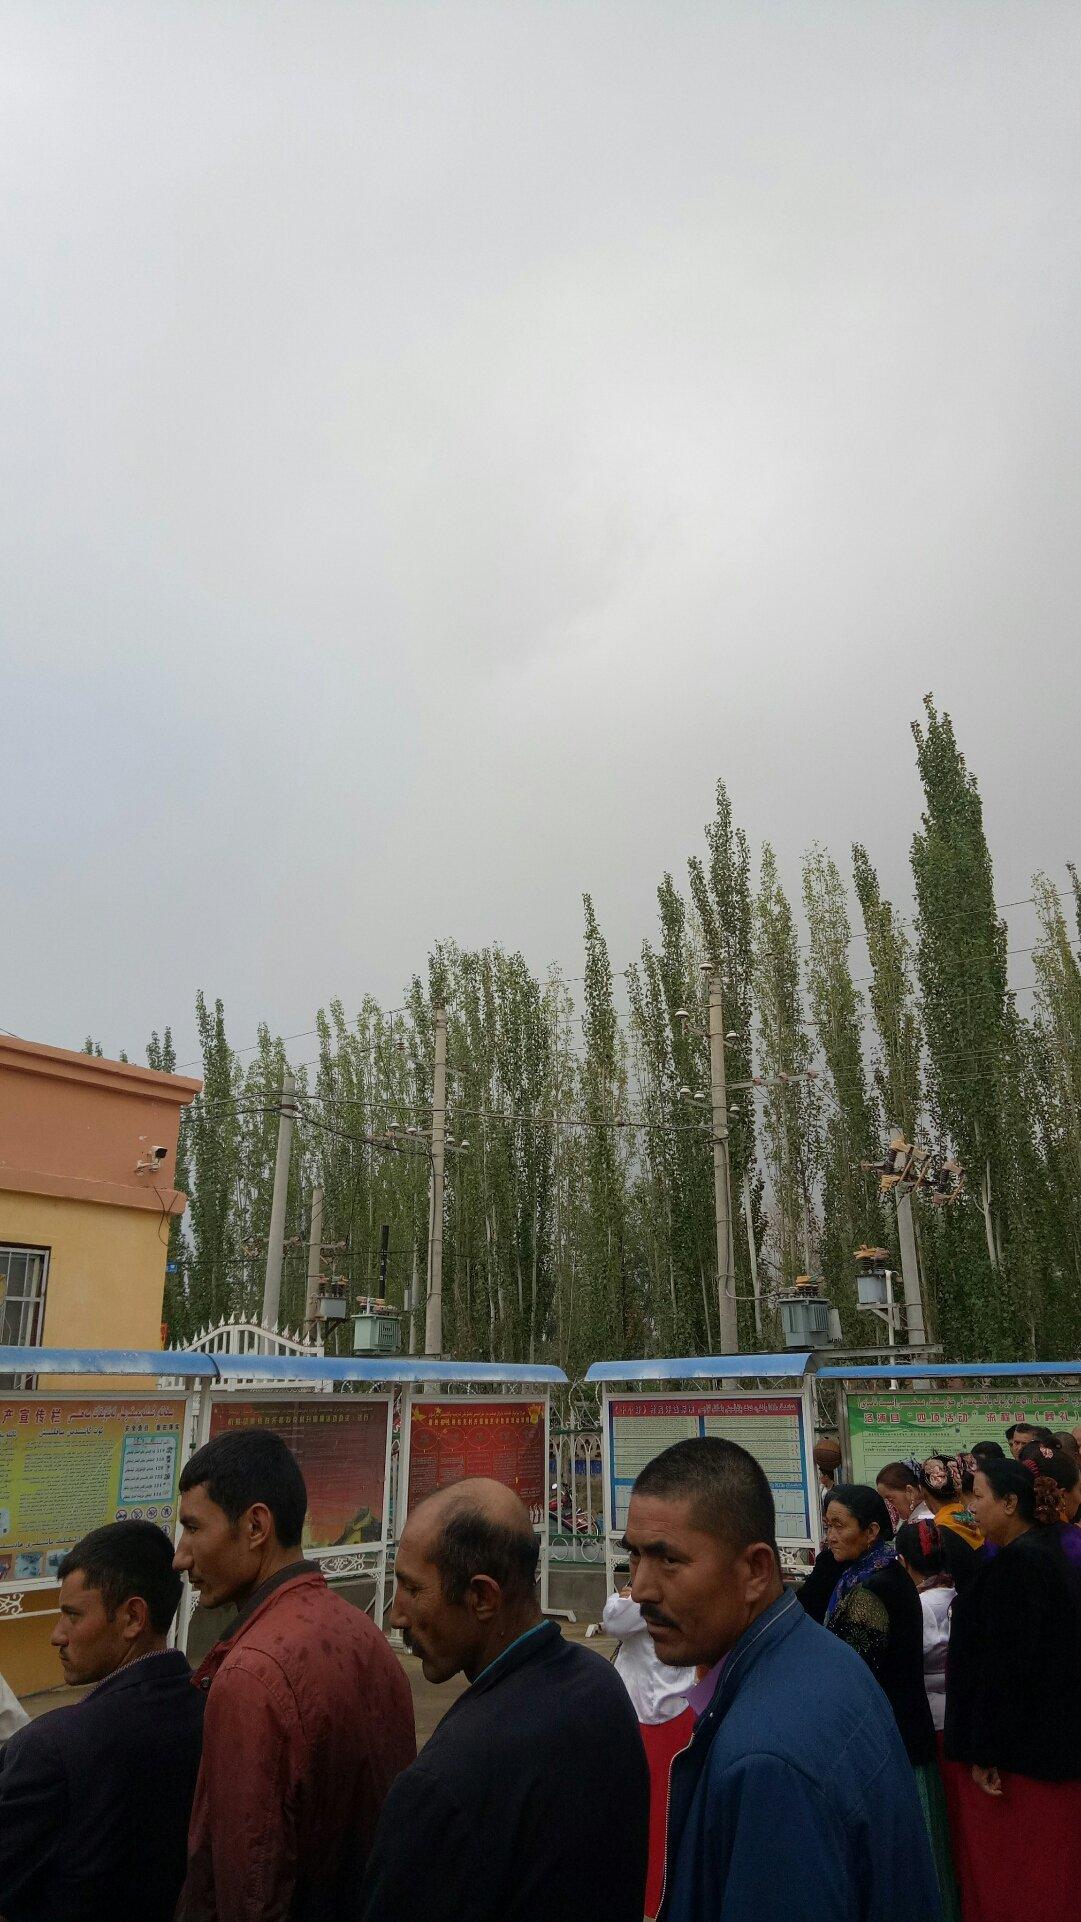 新疆维吾尔自治区和田地区洛浦县160乡道靠近托勒尕牧天气预报